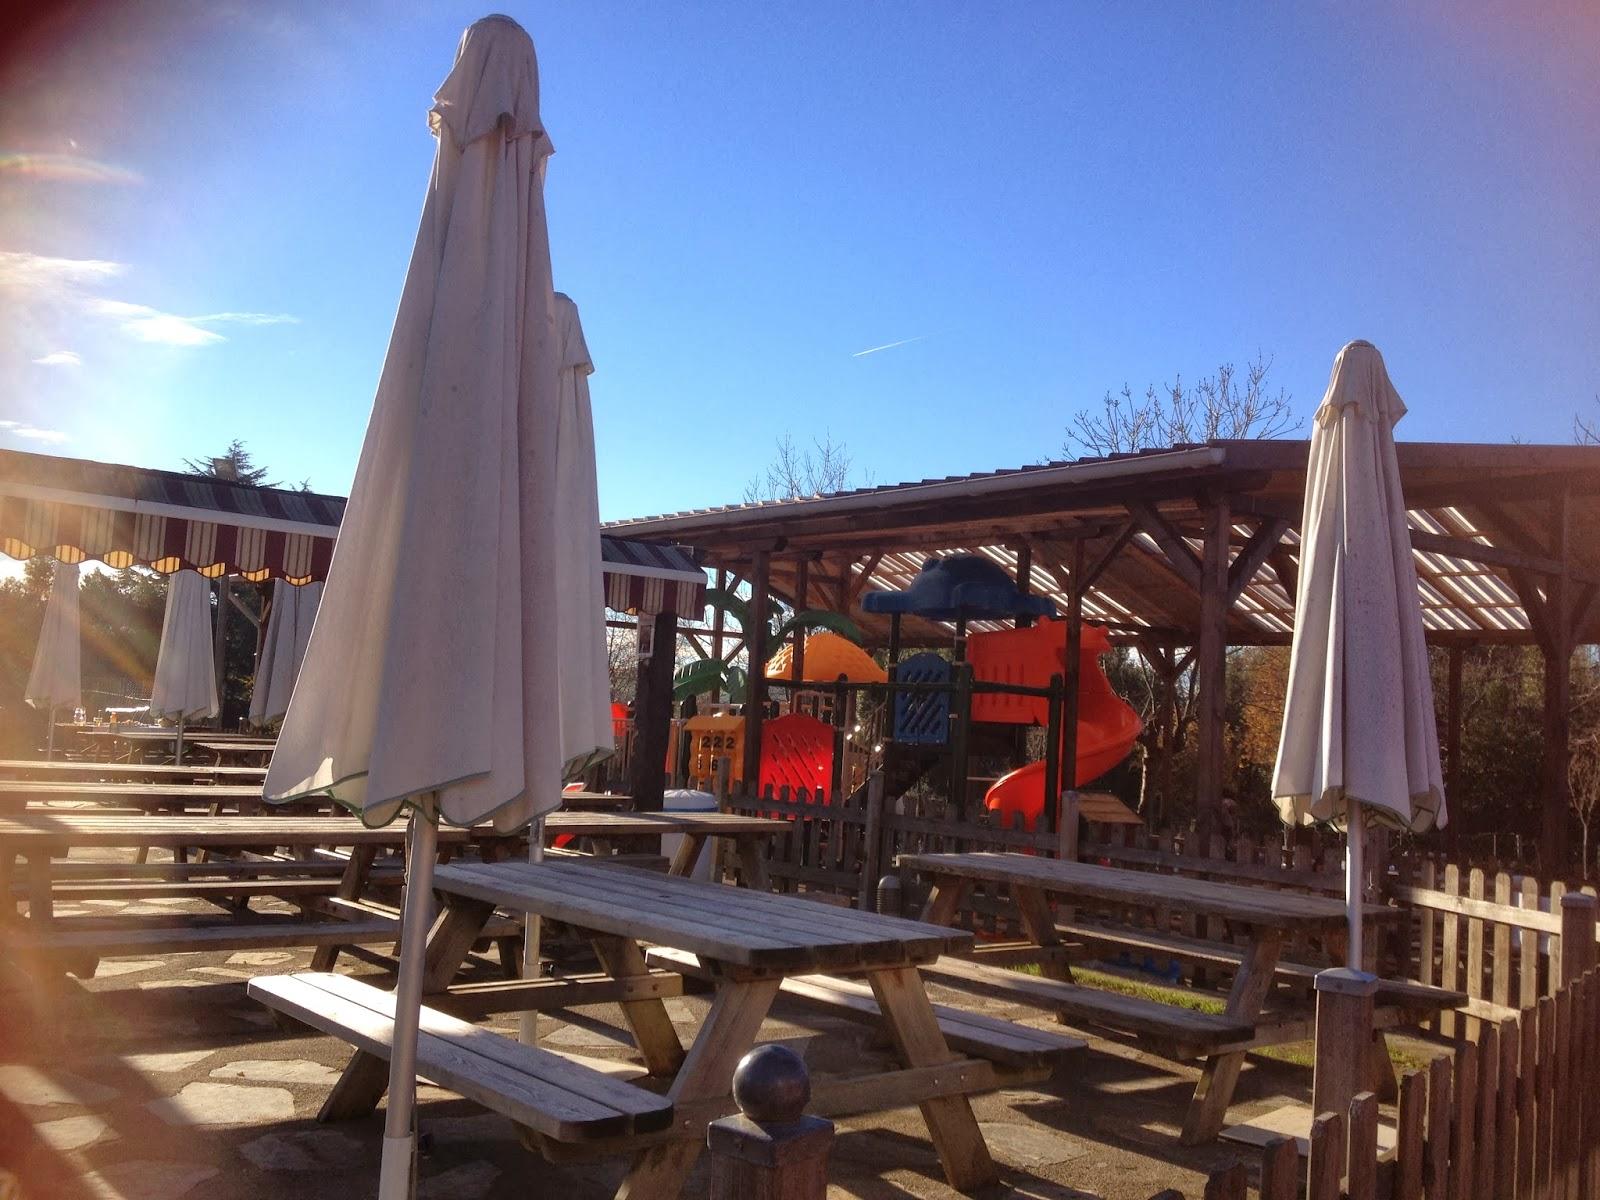 Asturias con niños a dónde vamos hoy a Zona de juegos en el Camping Deva